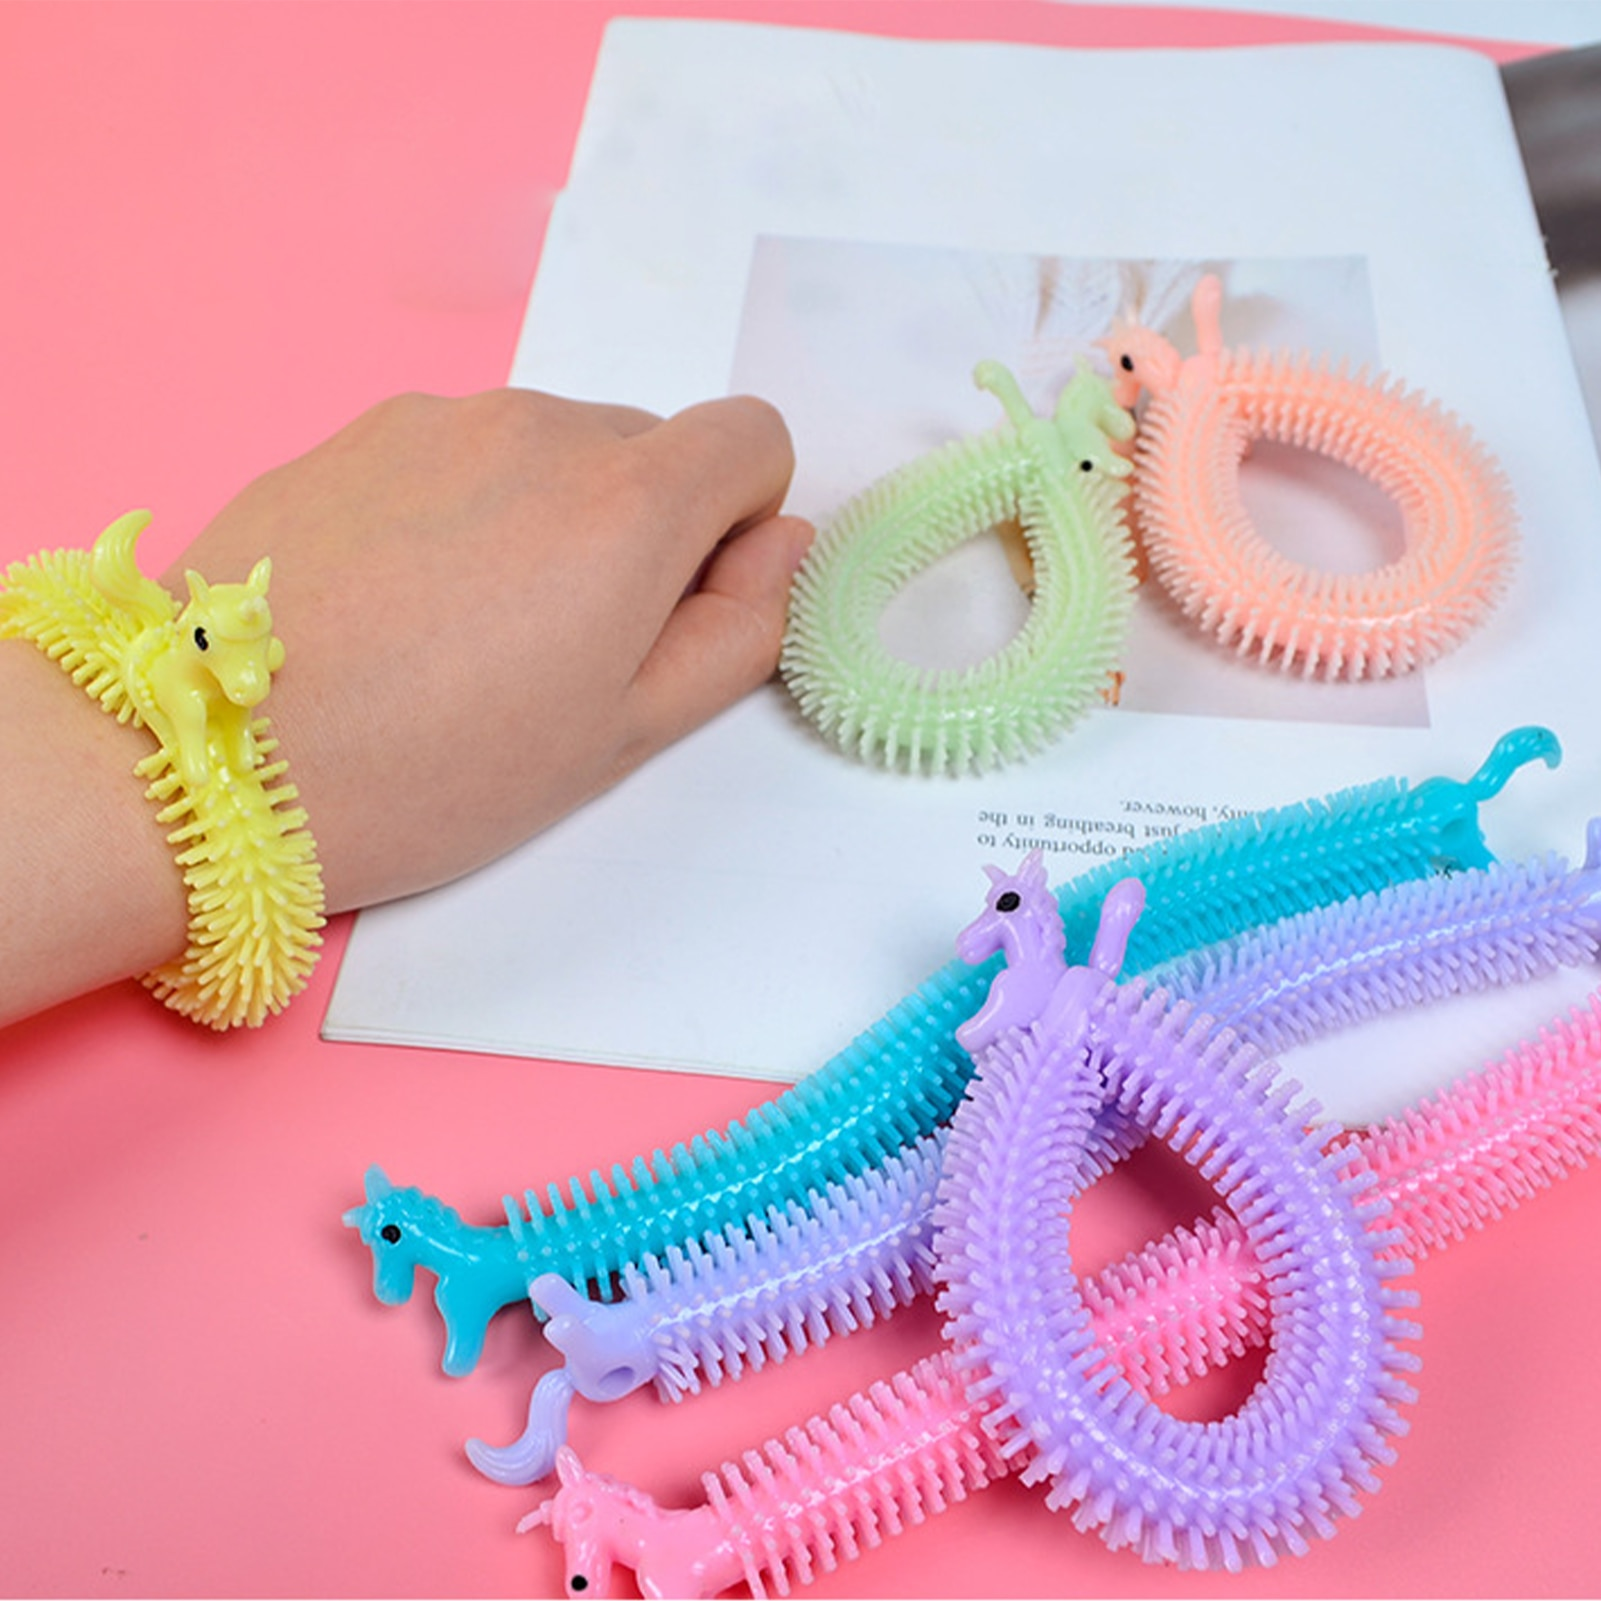 monkey noodle unicorn elastic rope stretchy fidget toy 1191 - Wacky Track